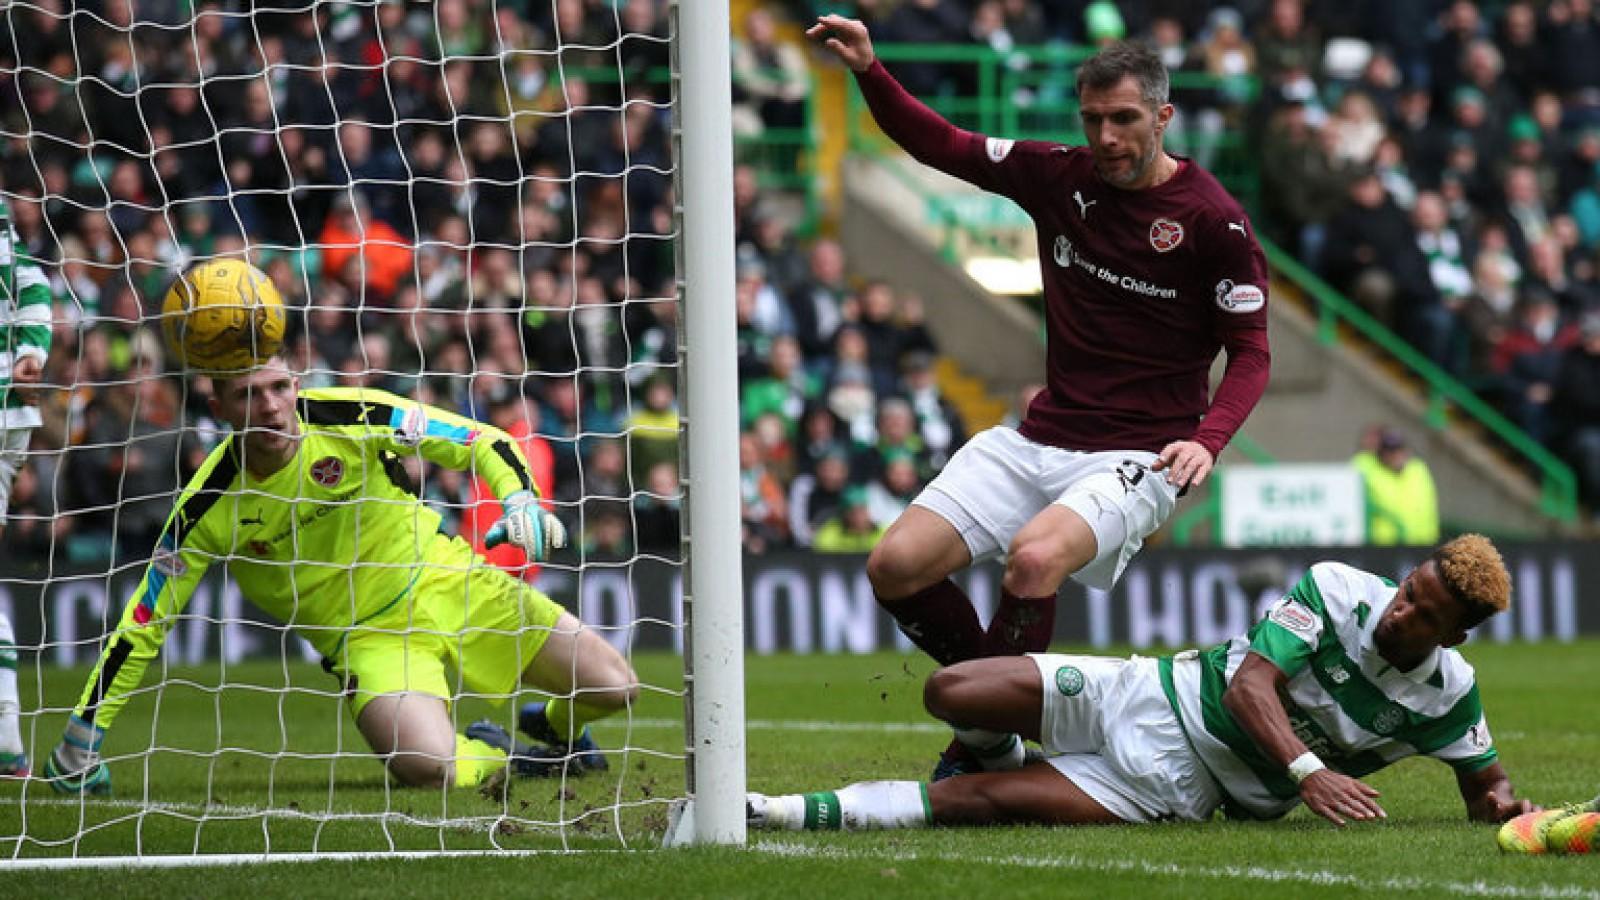 Surpriză de proporții în campionatul Scoției! Celtic Glasgow a fost învinsă la scor de Hearts